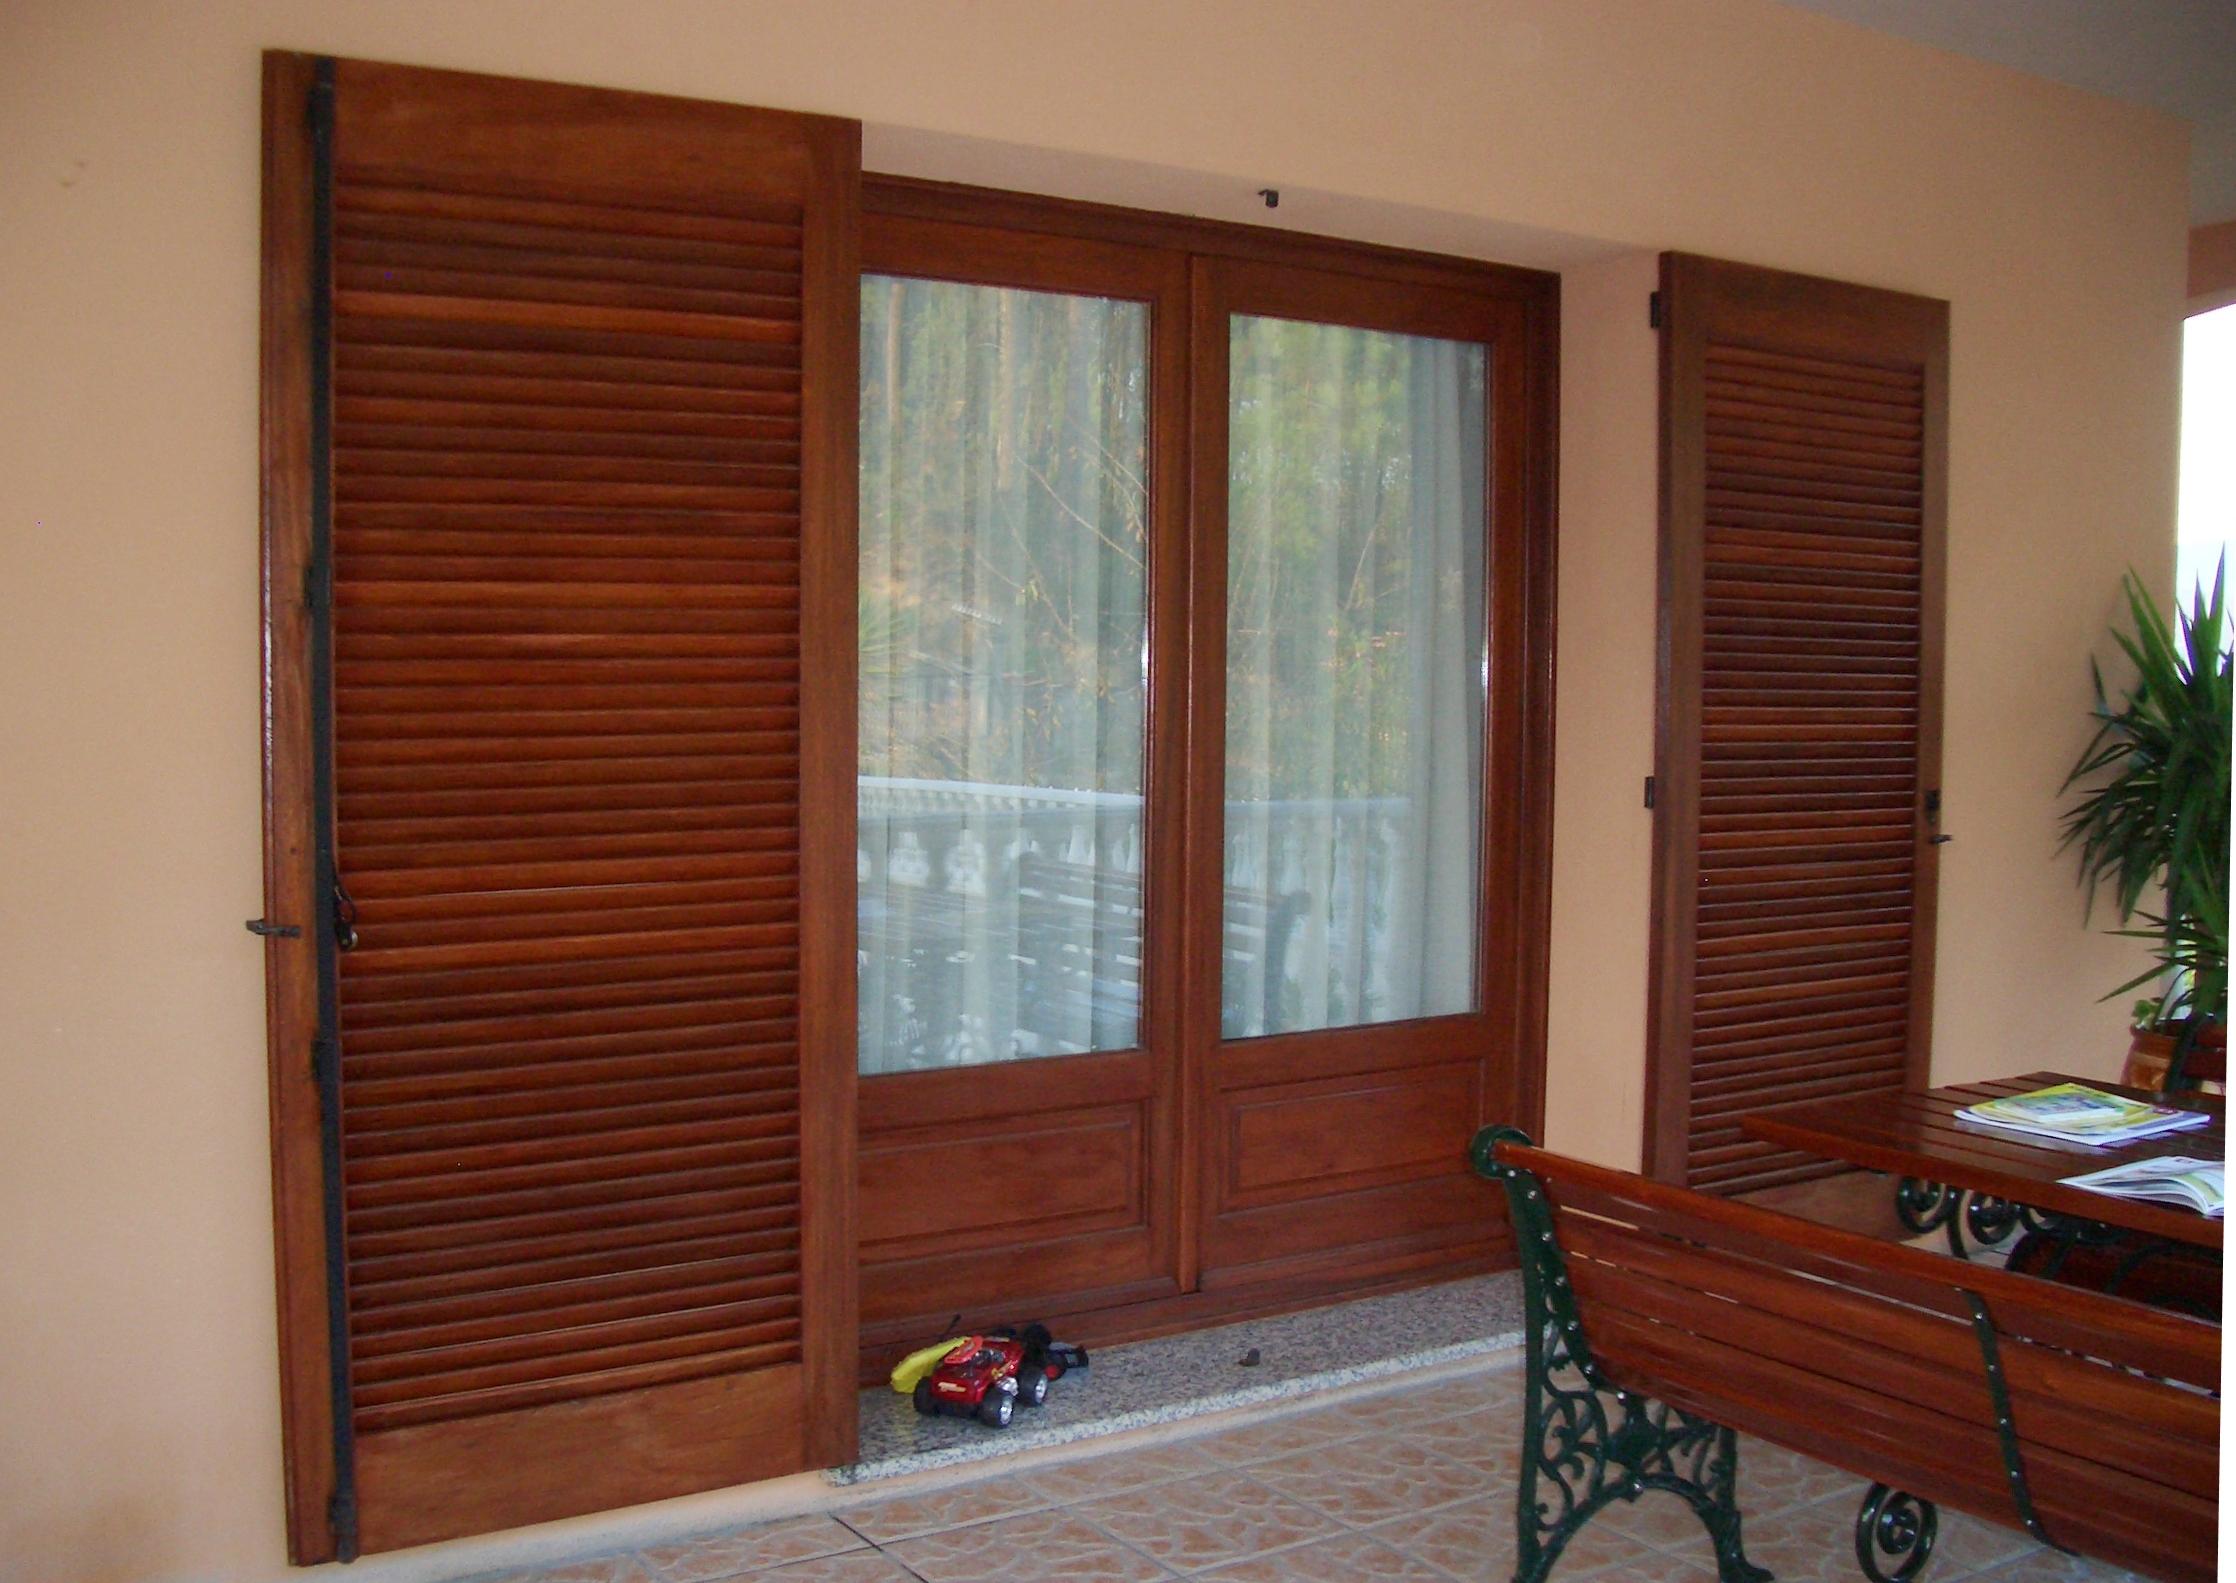 #642E1C  exterior em madeira modelo clássico porta em madeira de 57mm 1440 Rodas De Aluminio Janela Quadrada